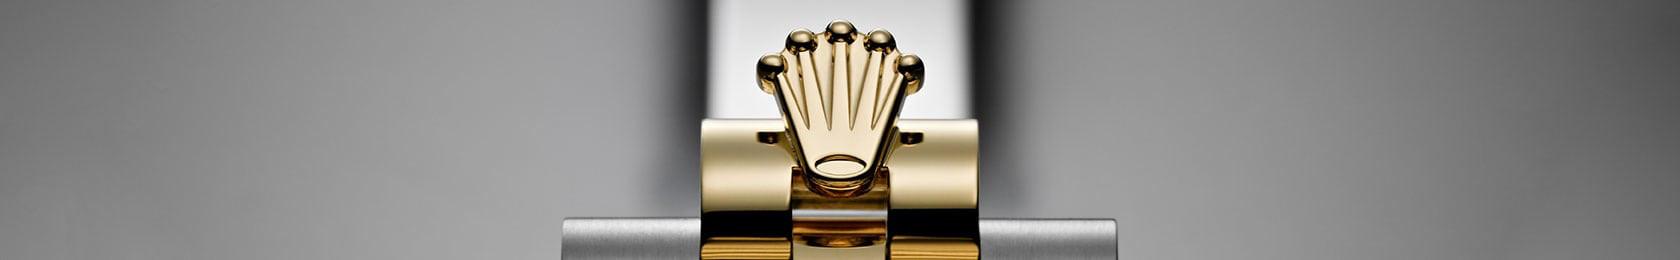 Rolex Krone am Verschluss